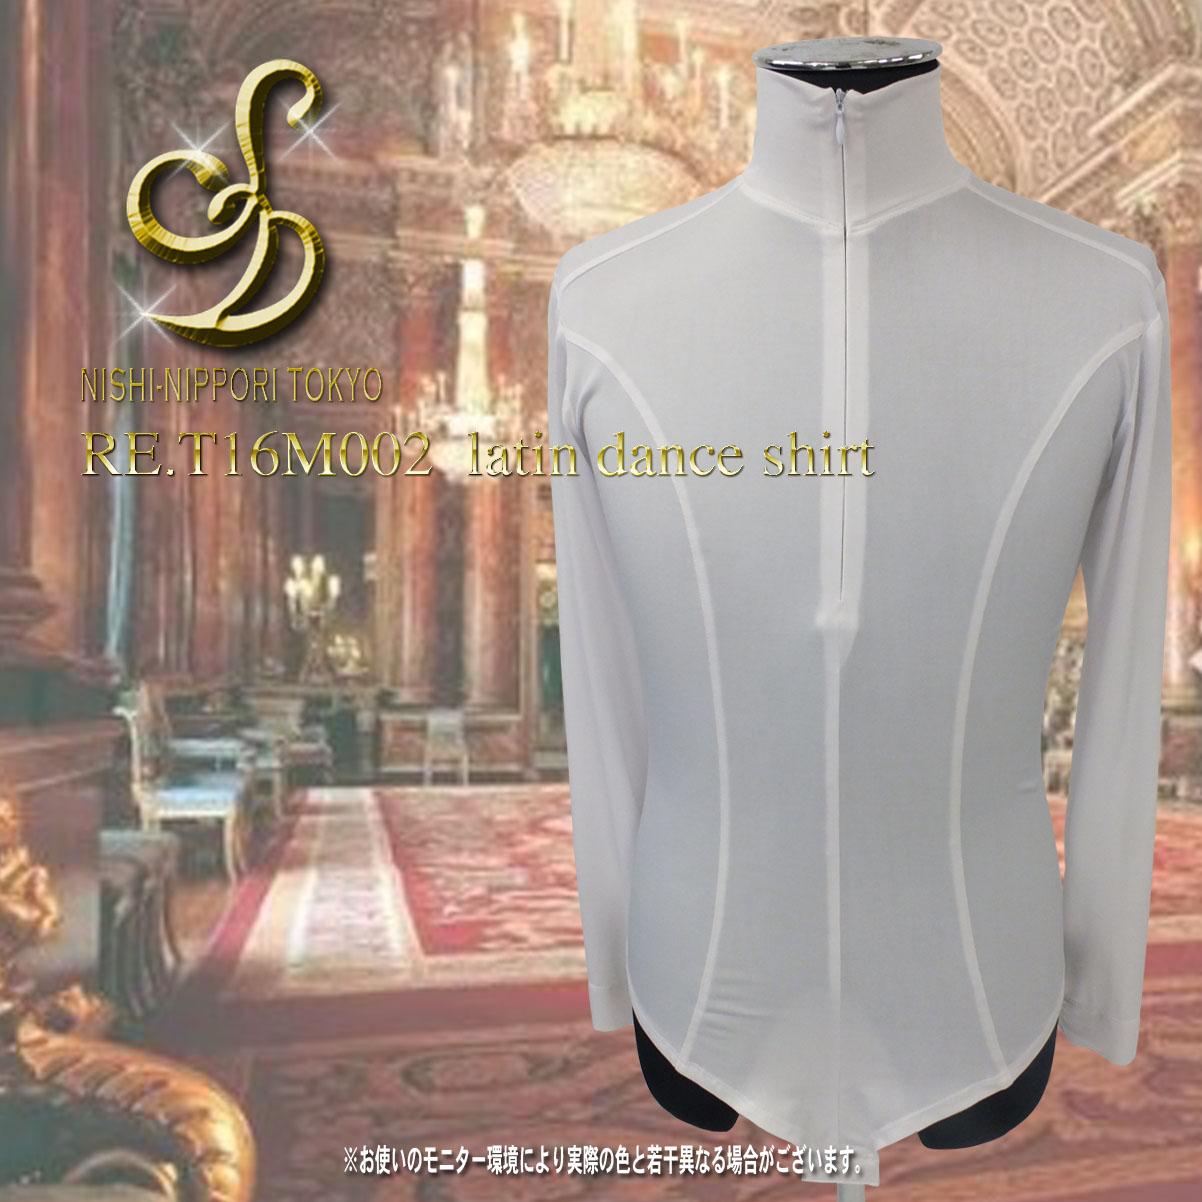 サイズ S/M/L S:袖丈62cm/B90cm/W72~76cm M:袖丈65cm/B94cm/W76~80cm L:袖丈67cm/B98cm/W80~84cm カラー 黒・白 素 材 ポリエステル95% ポリウレタン5% ラテンレオタードシャツ